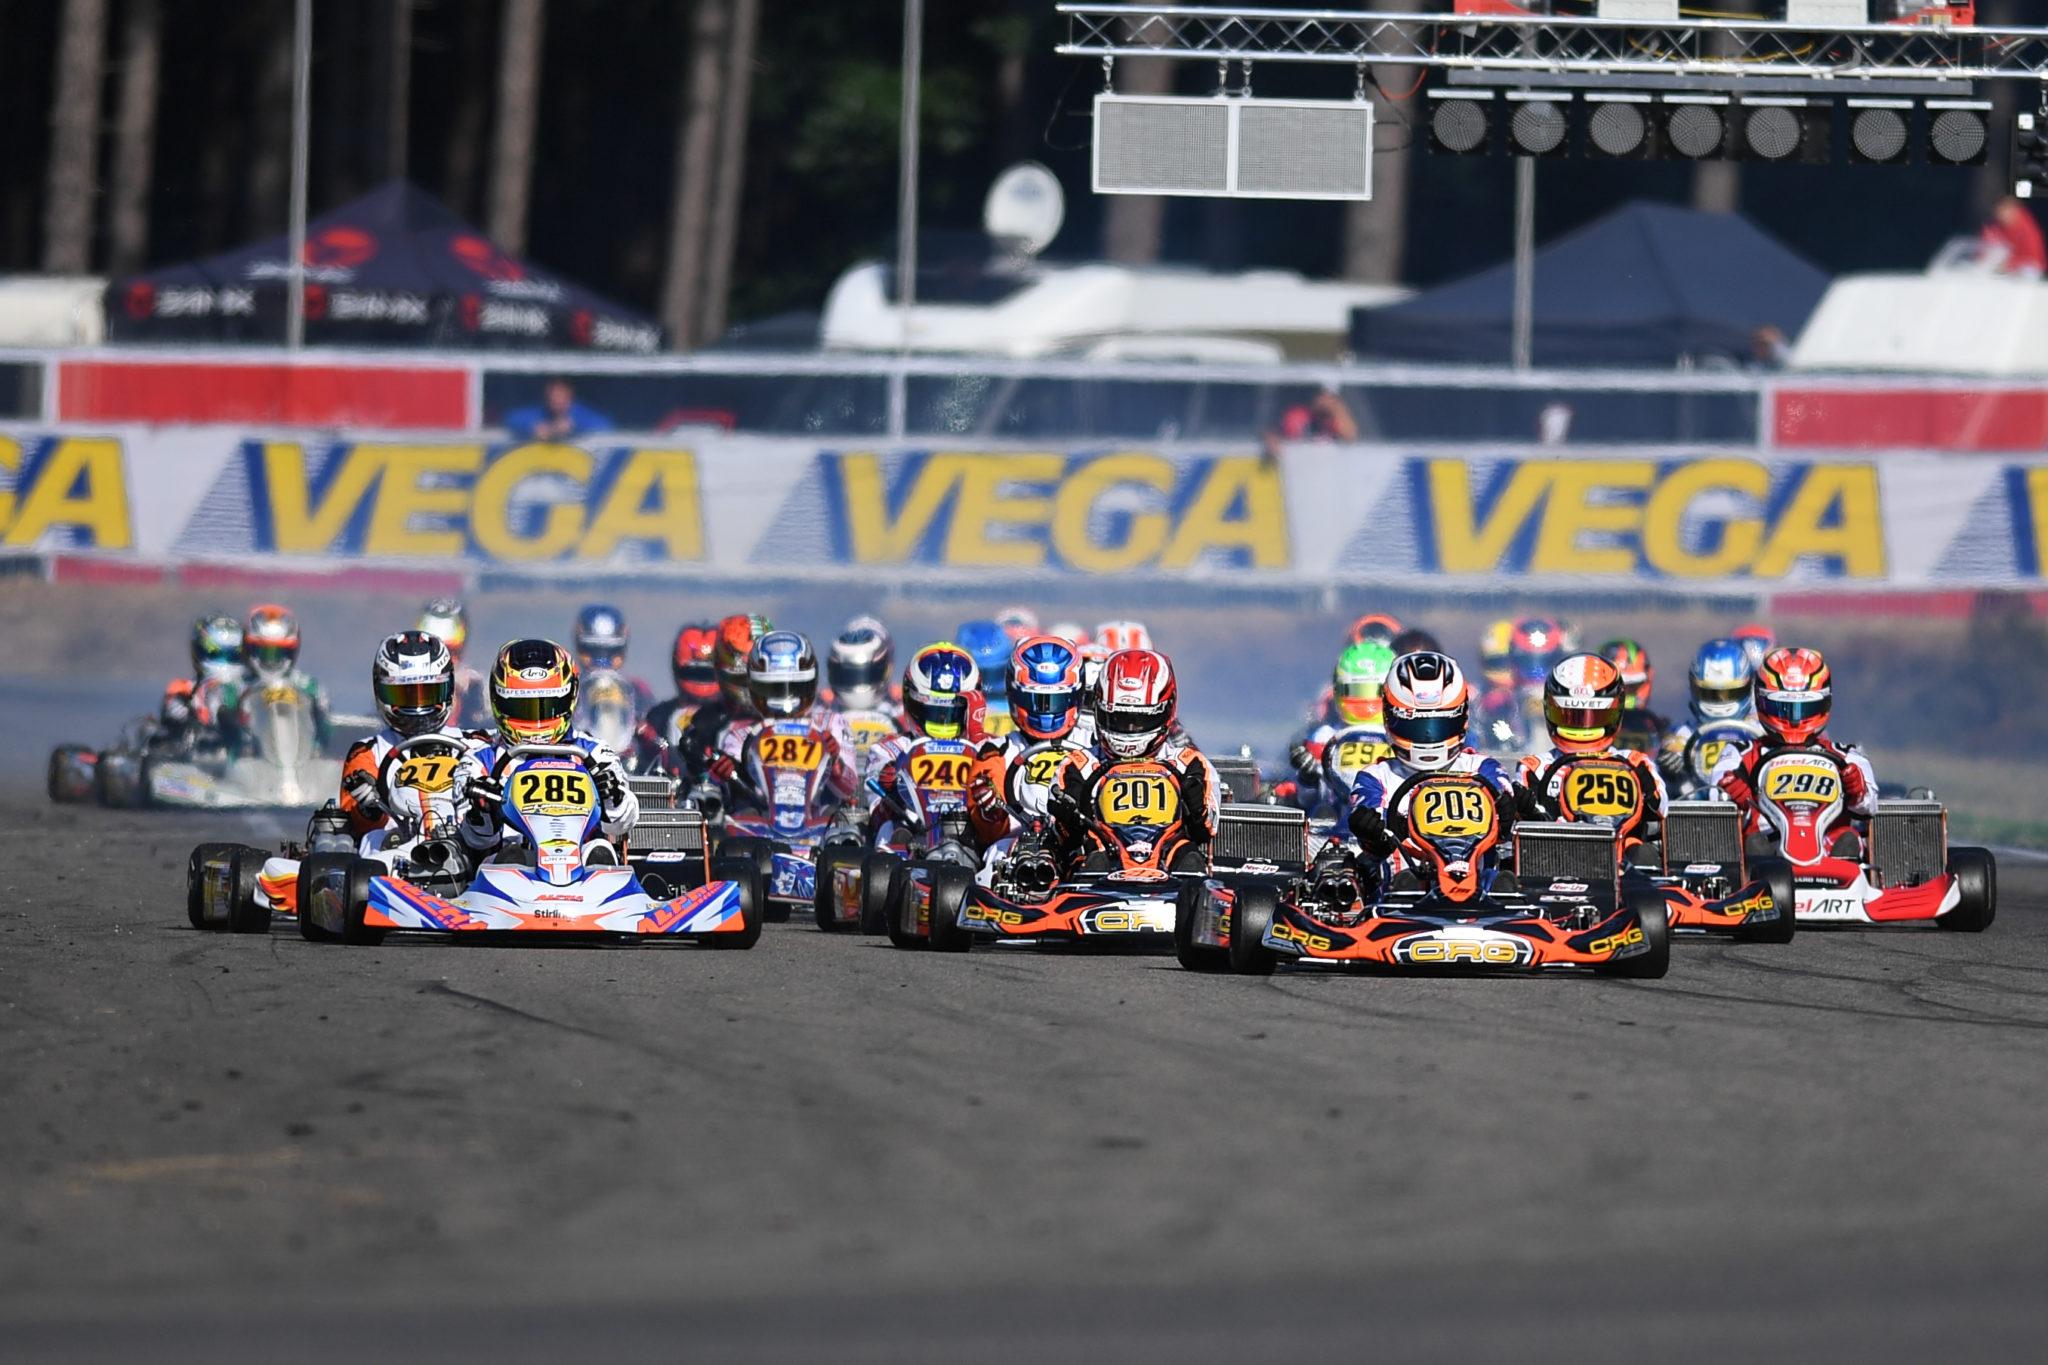 Thrilling final races in Genk!